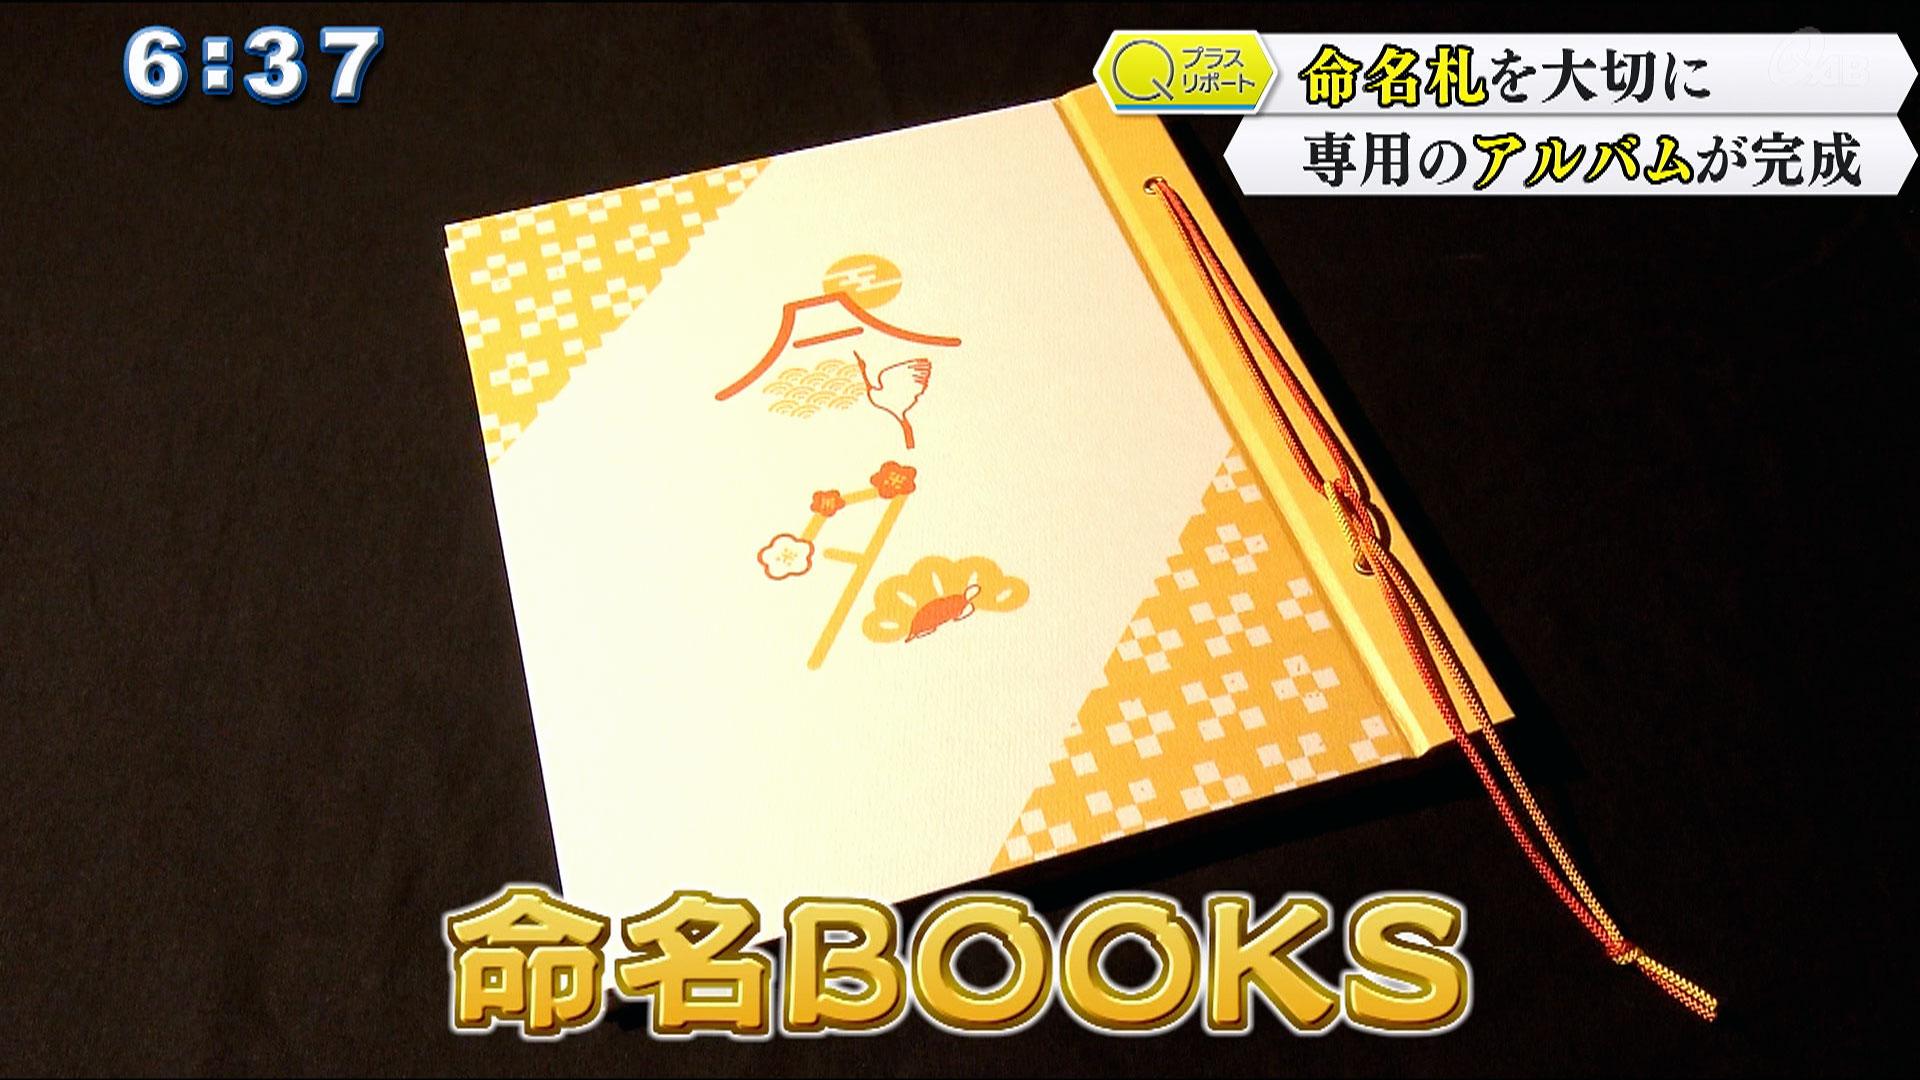 子どもの誕生祝う命名札 大切に保管して 命名BOOKS完成